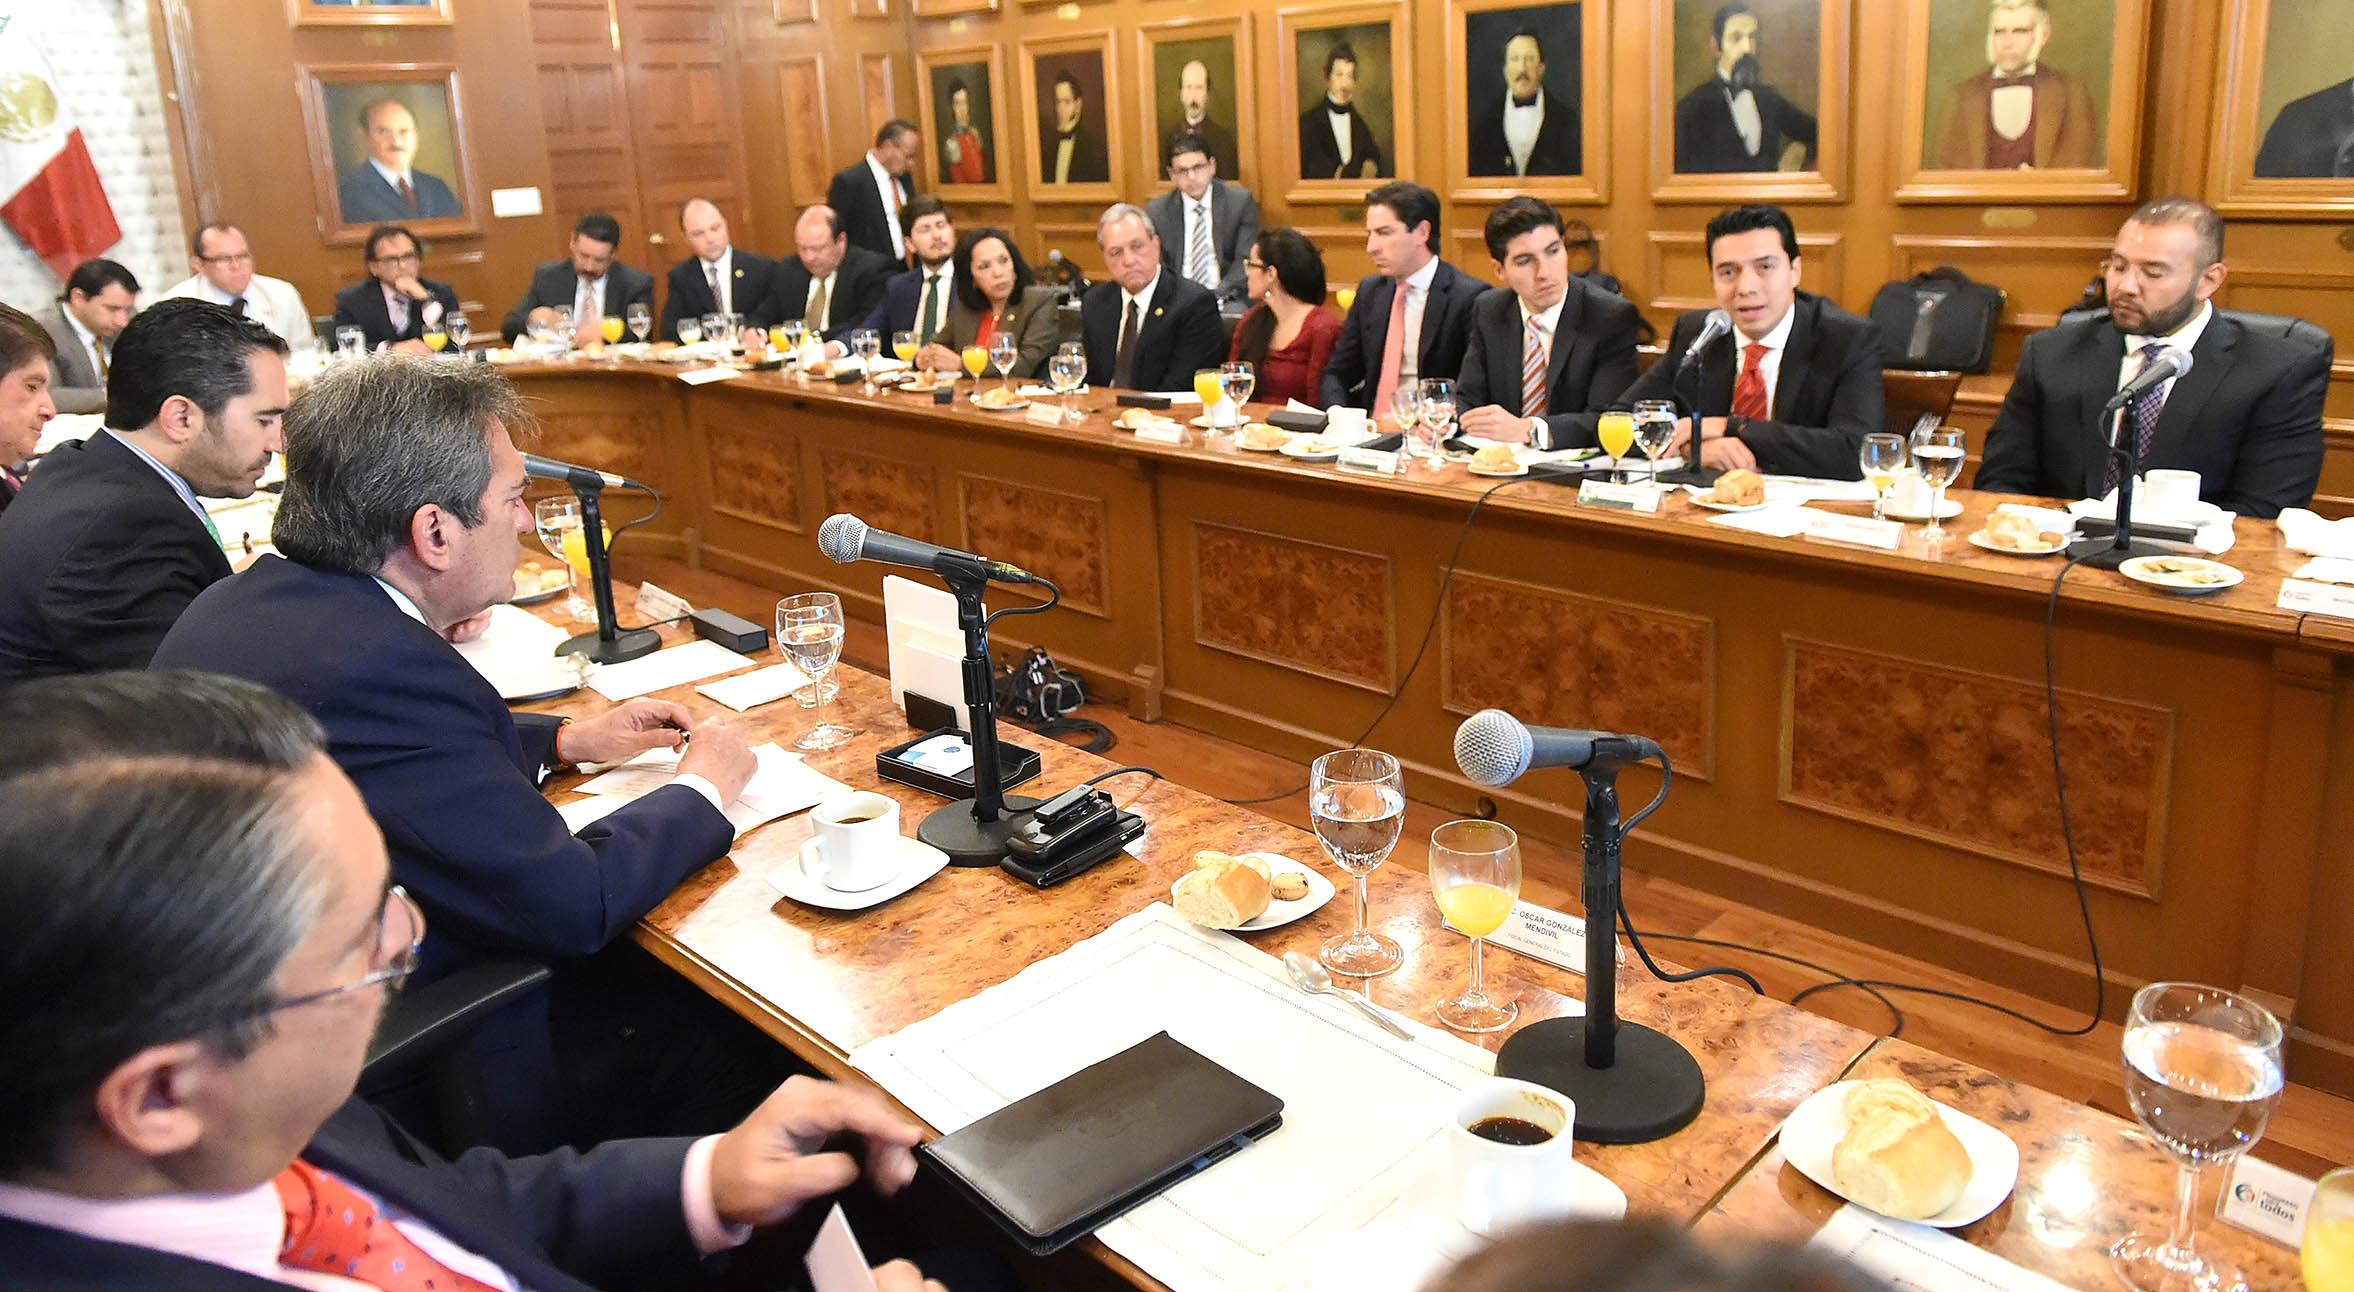 FOTO 1 Sedesol y gobierno de Aguascalientes impulsan estrategia para garantizar el desarrollo social y prosperidad en el estado.jpg